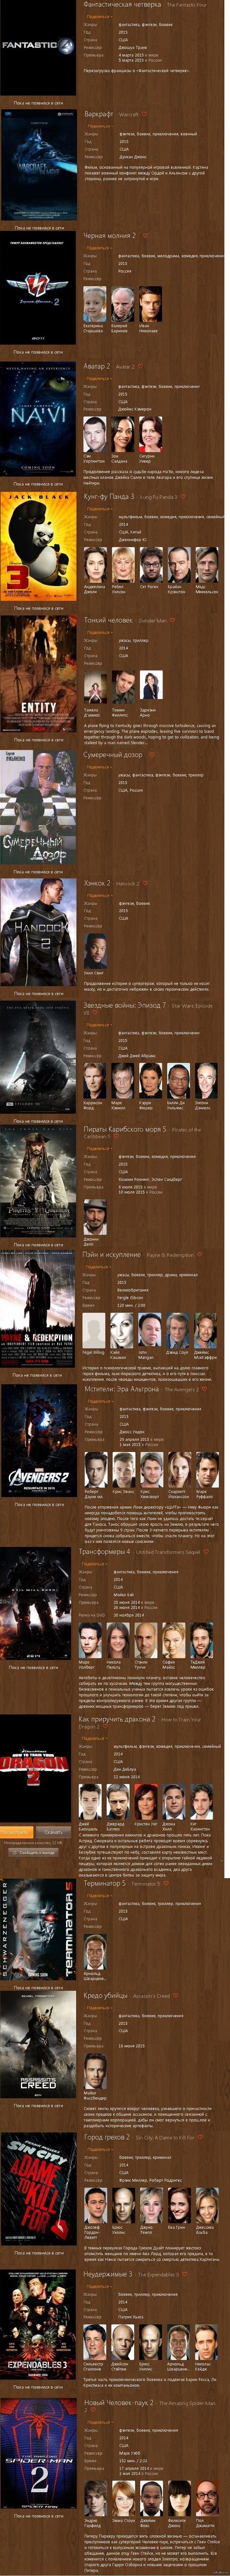 Фильмы, которые выйдут в 2014-2015                             Длин пост А ты какой ждешь?